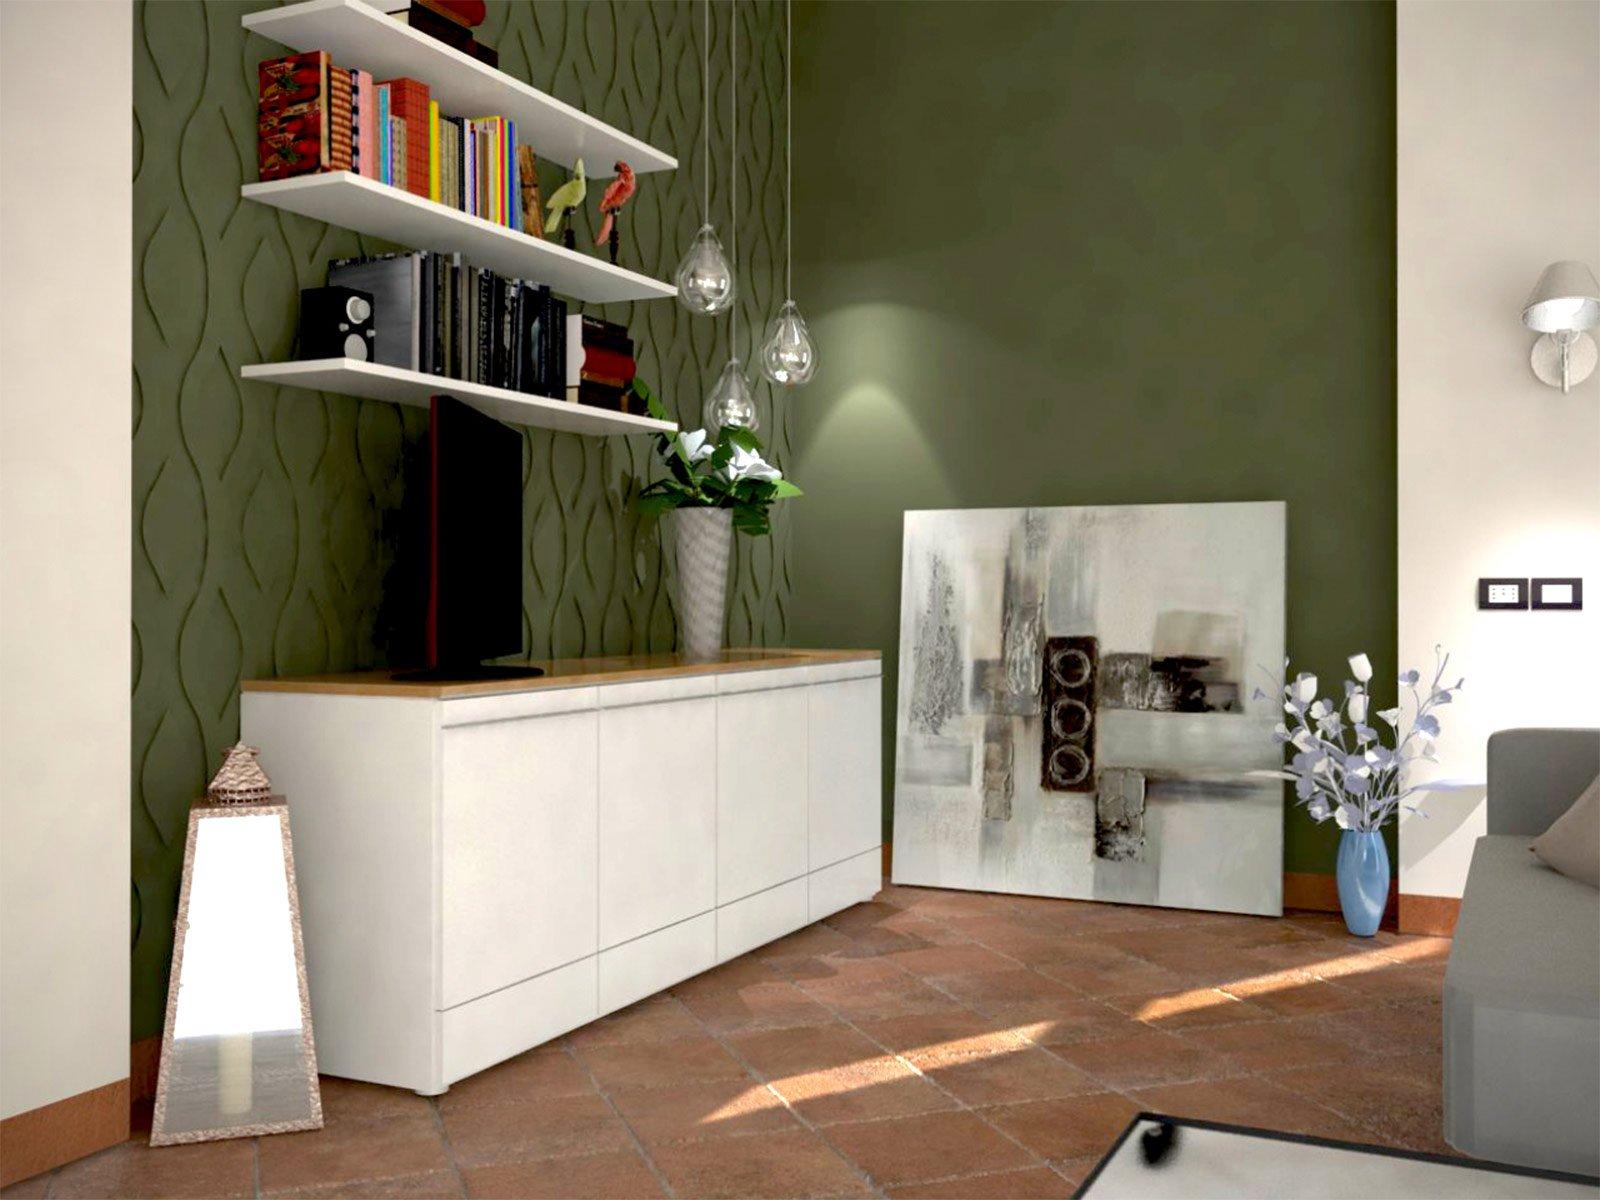 Pavimento in cotto e arredamento moderno cose di casa for Pareti casa moderna